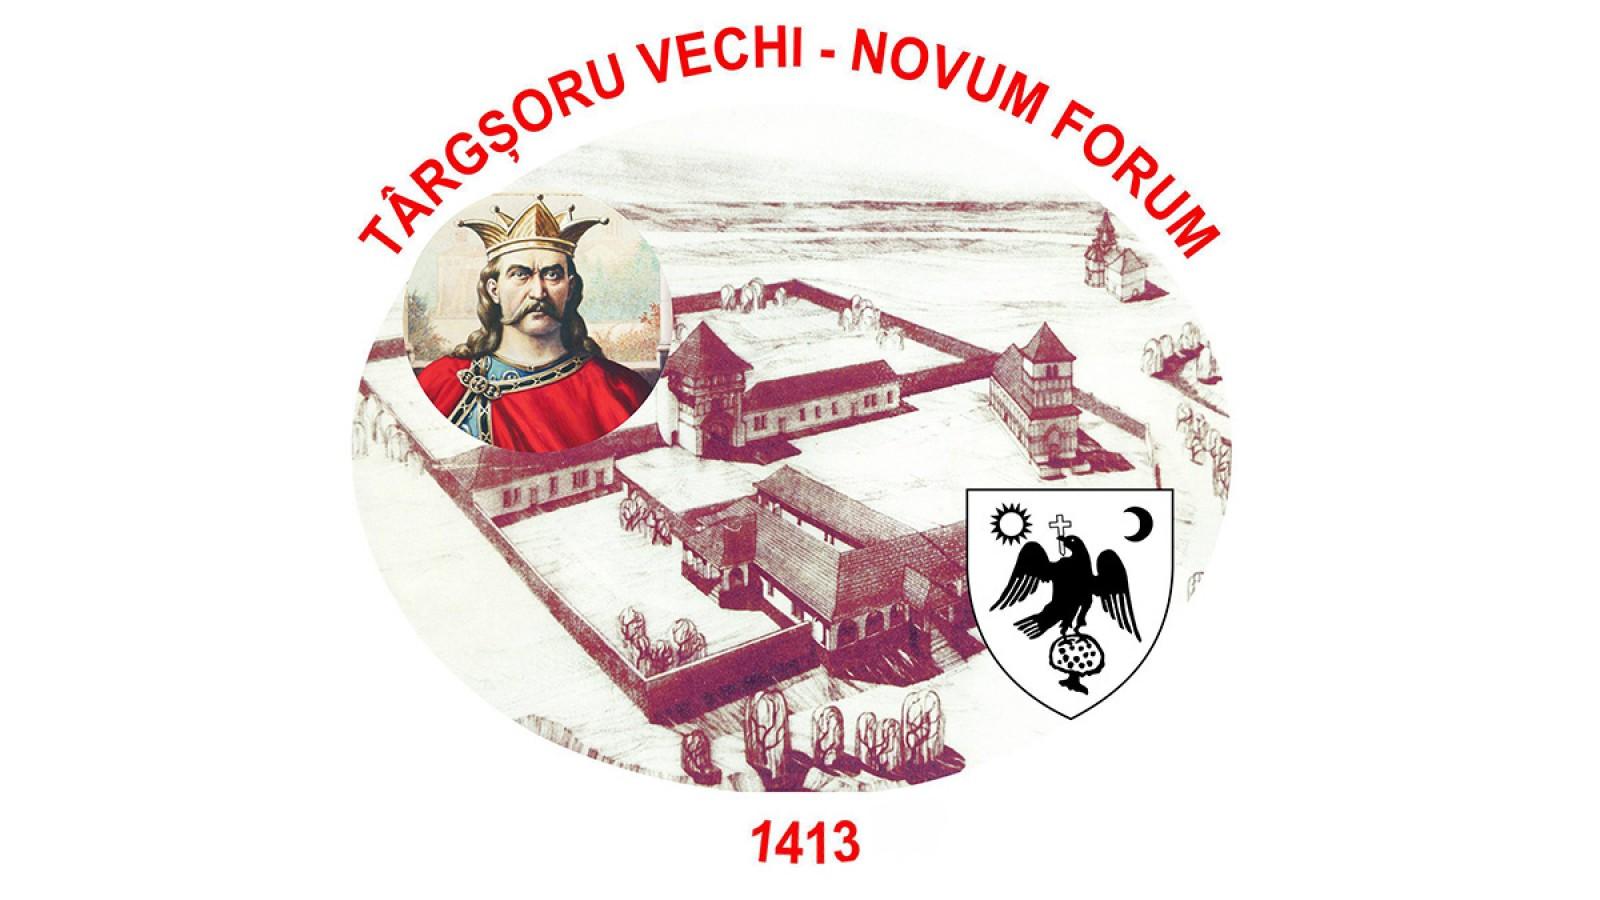 Rezervatia Arheologica Targsoru Vechi